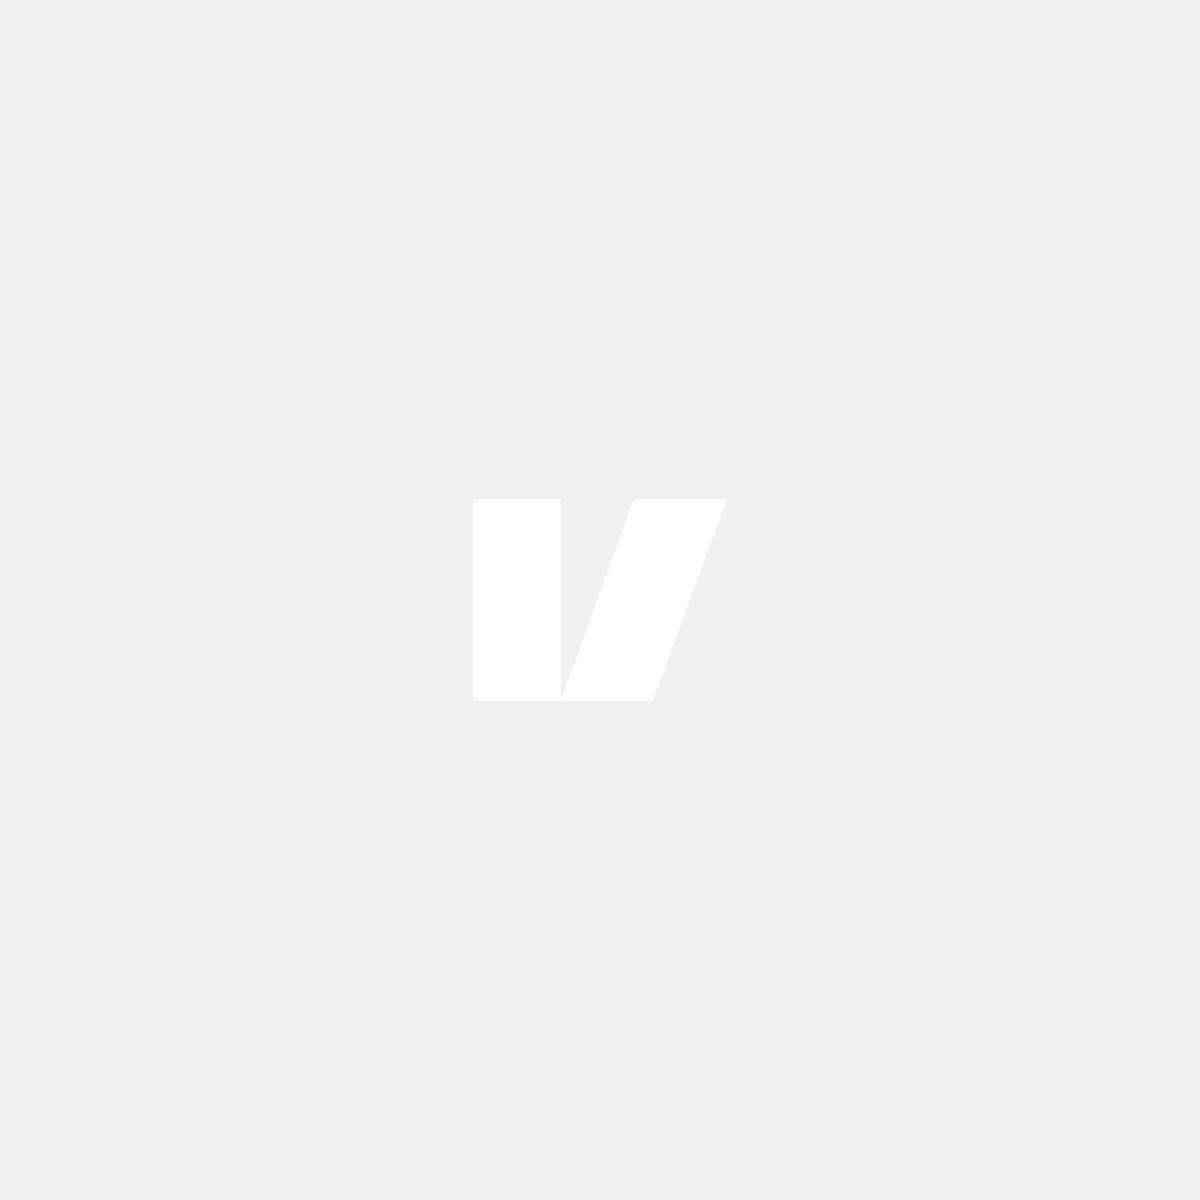 SKF Hjullager/hjulnav bak till Volvo S40, V50, C70, C30